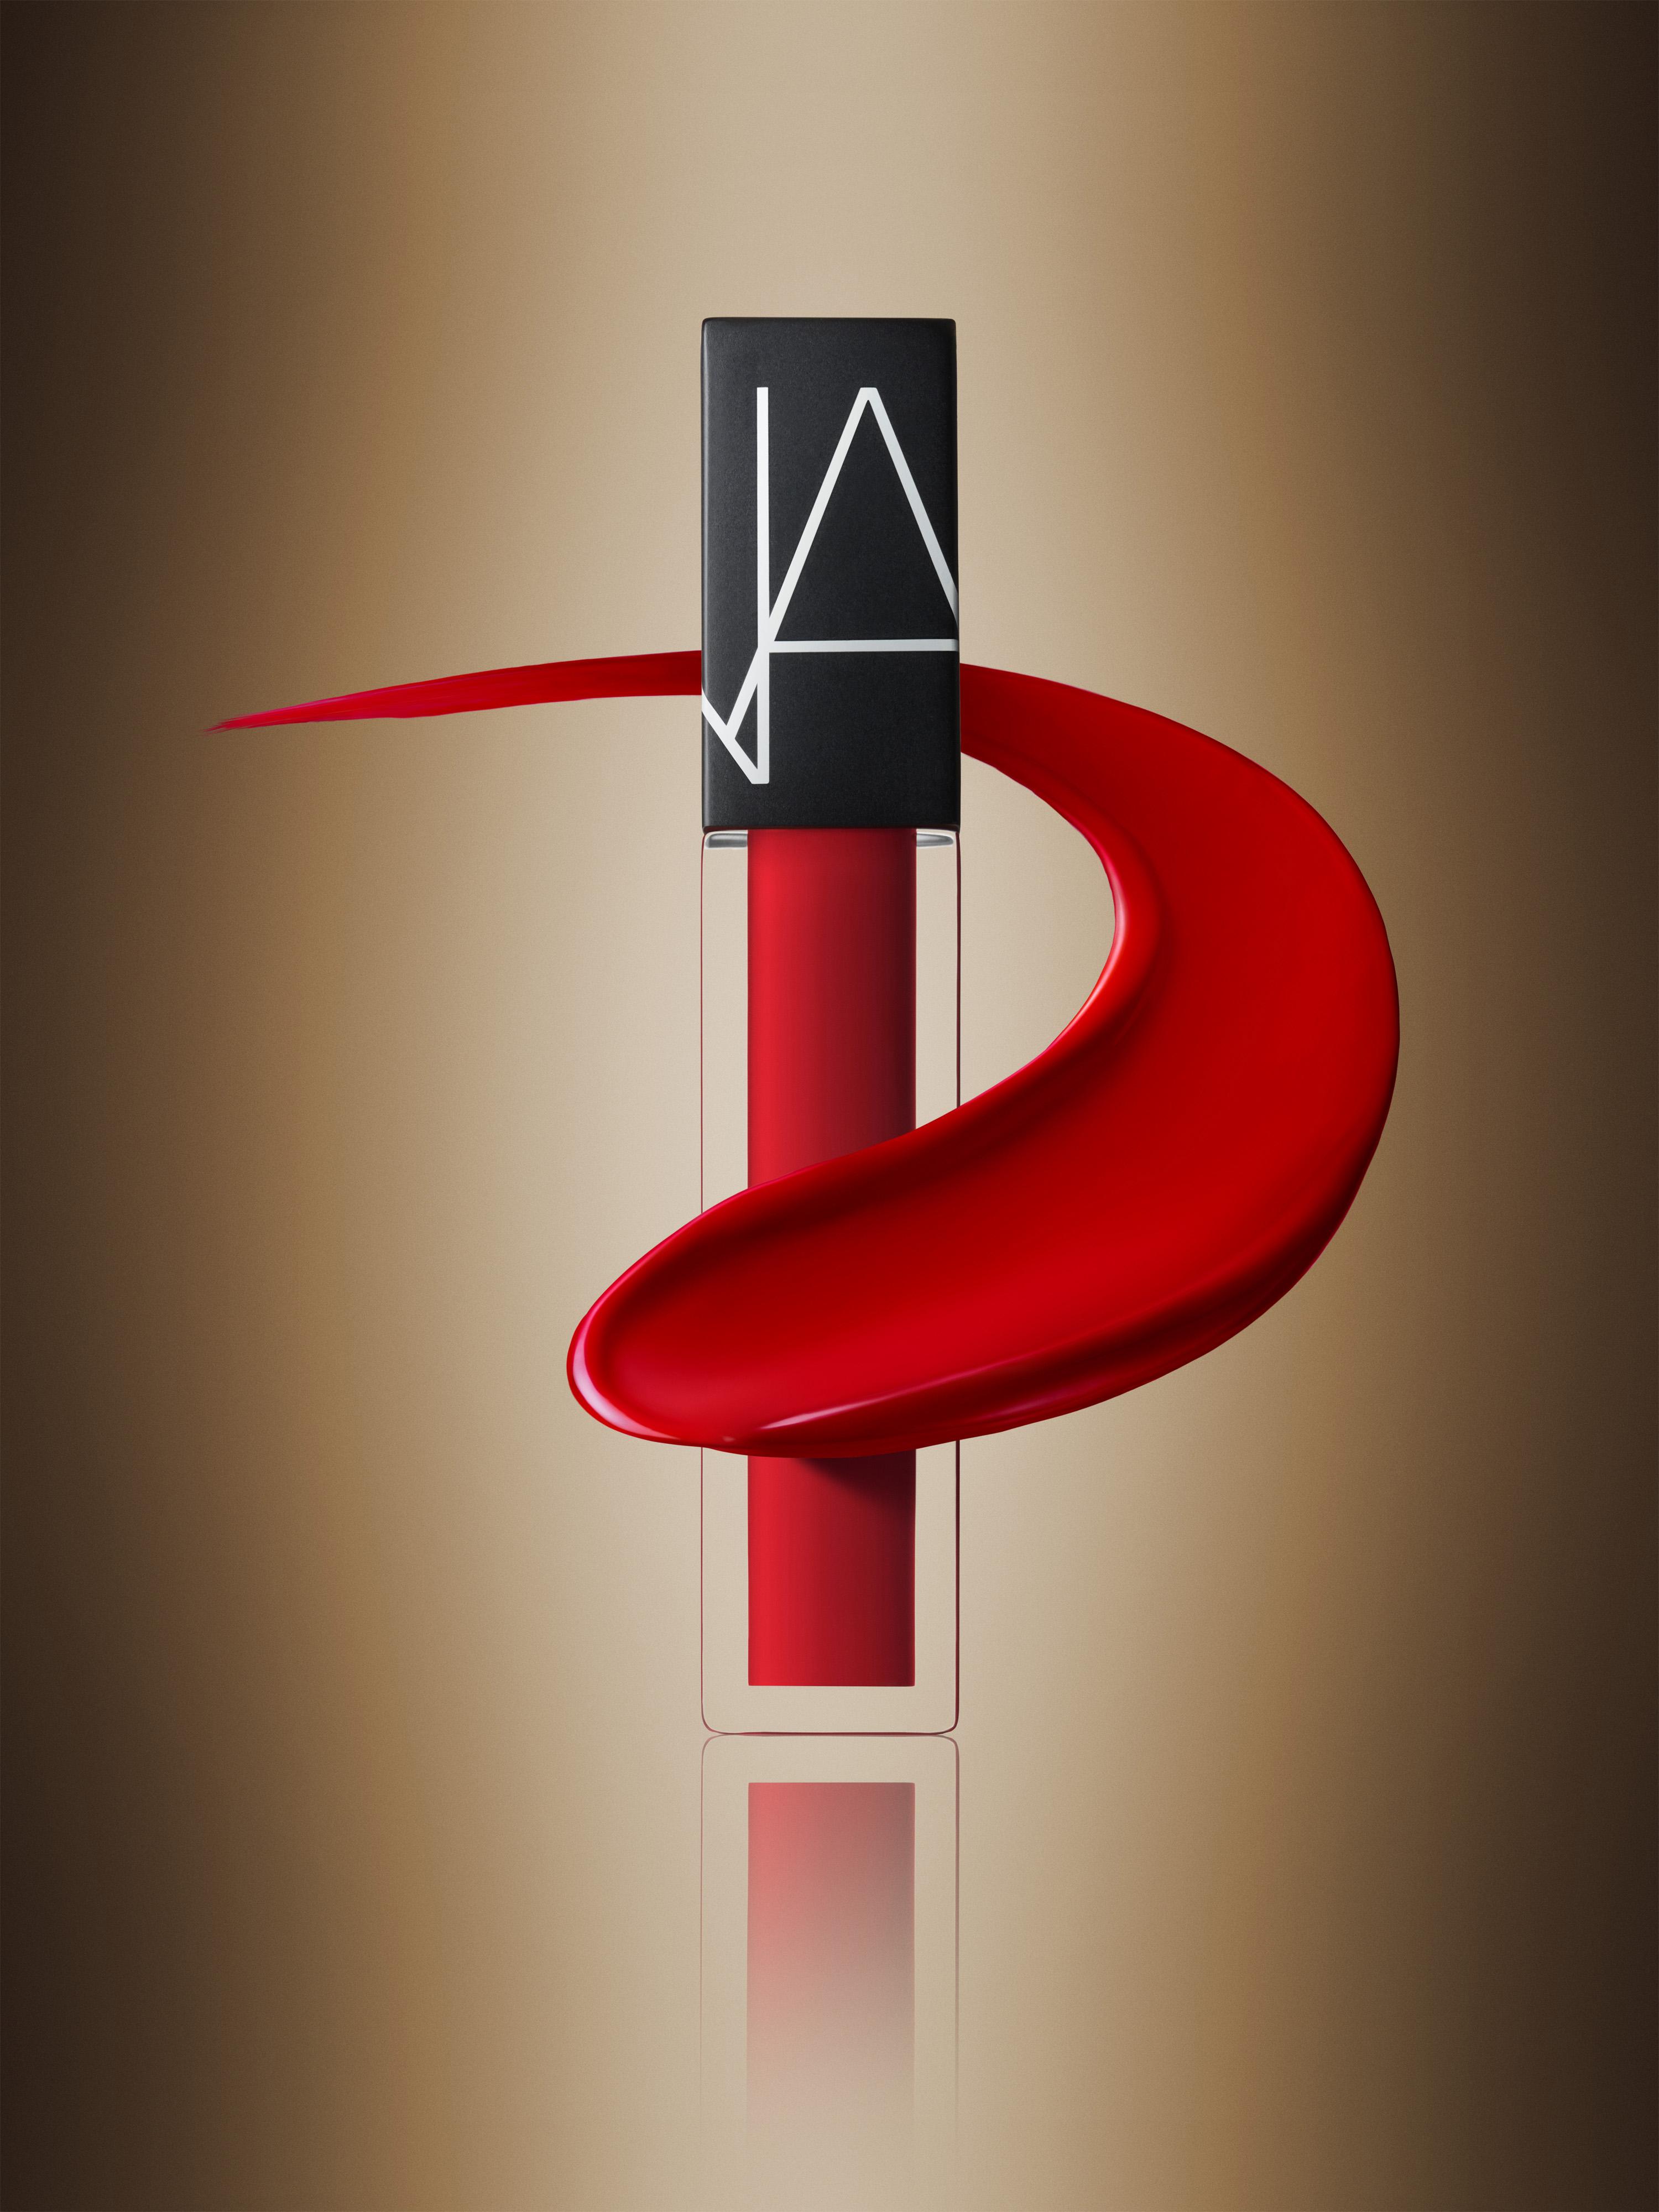 NARS Velvet Lip Glide Stylized Mineshaft Image with Swipe